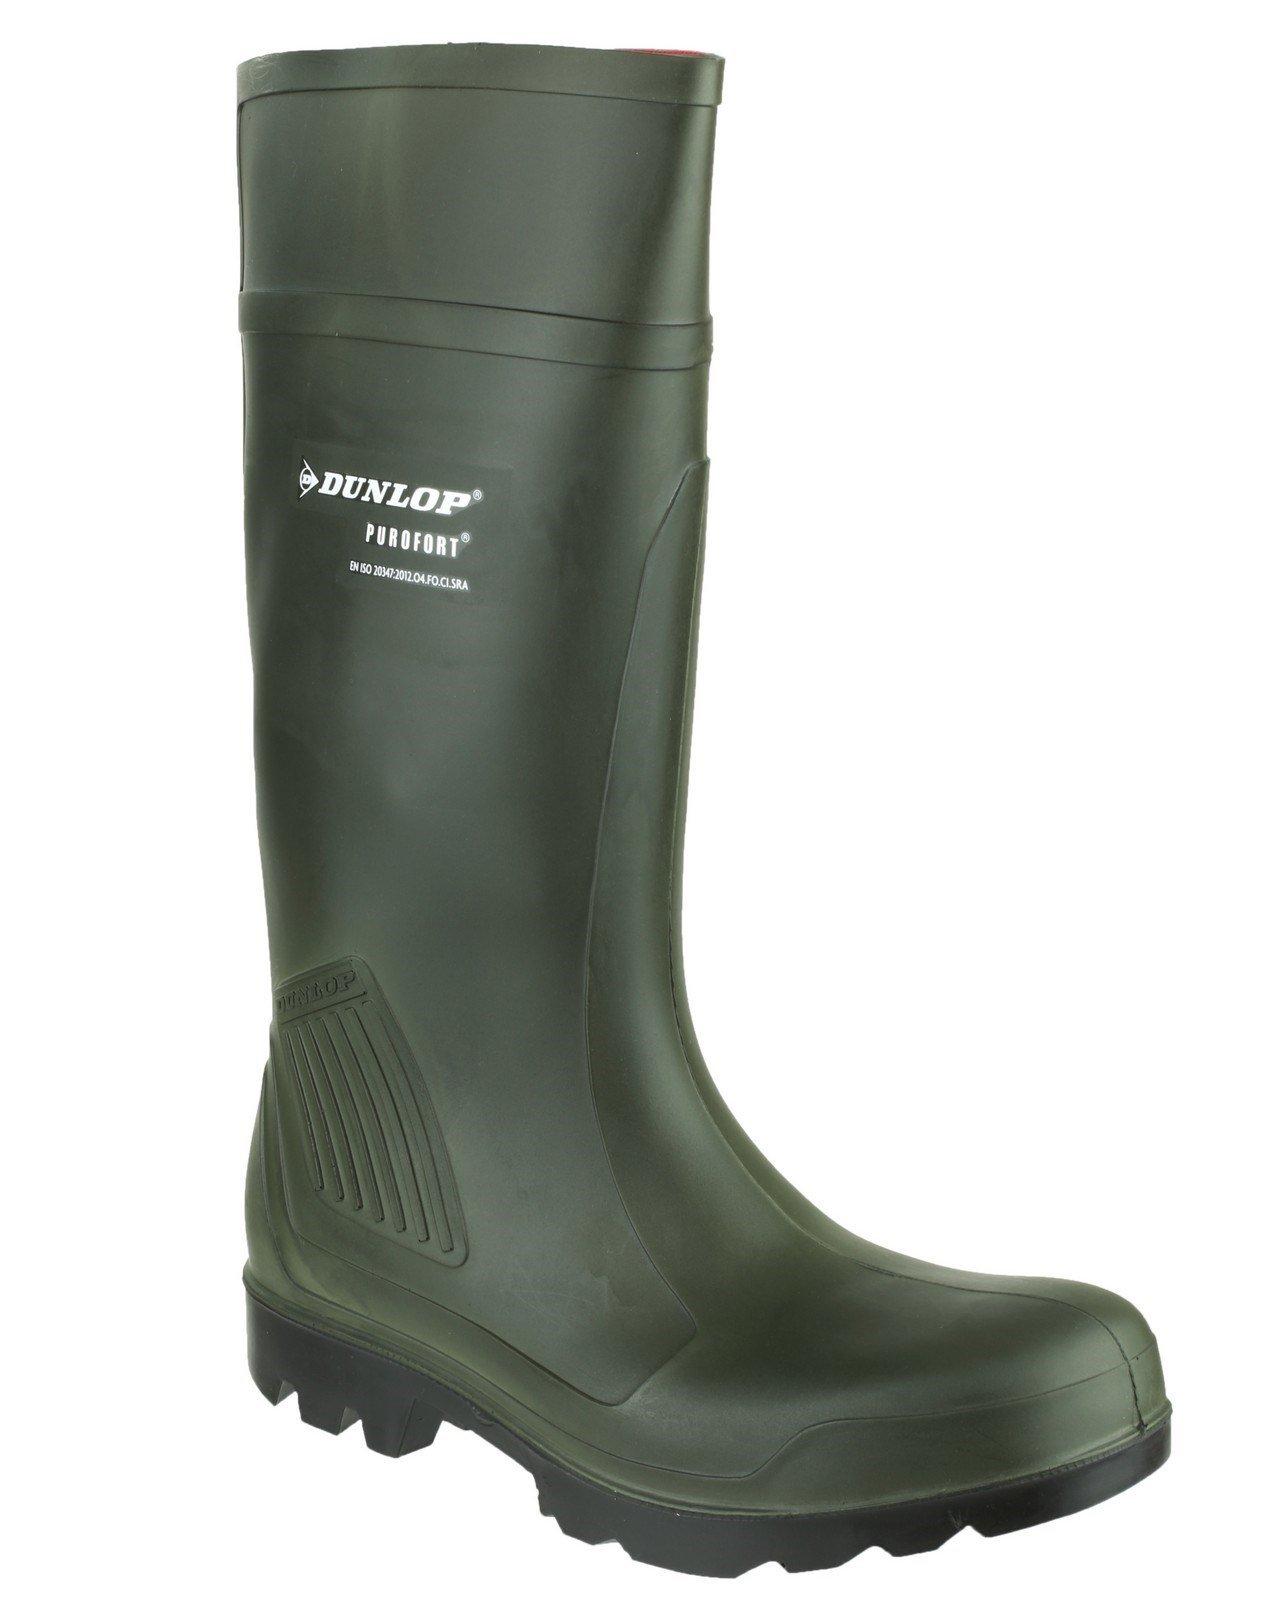 Dunlop Men's Purofort Professional Wellington Boot Green 20230 - Green 10.5